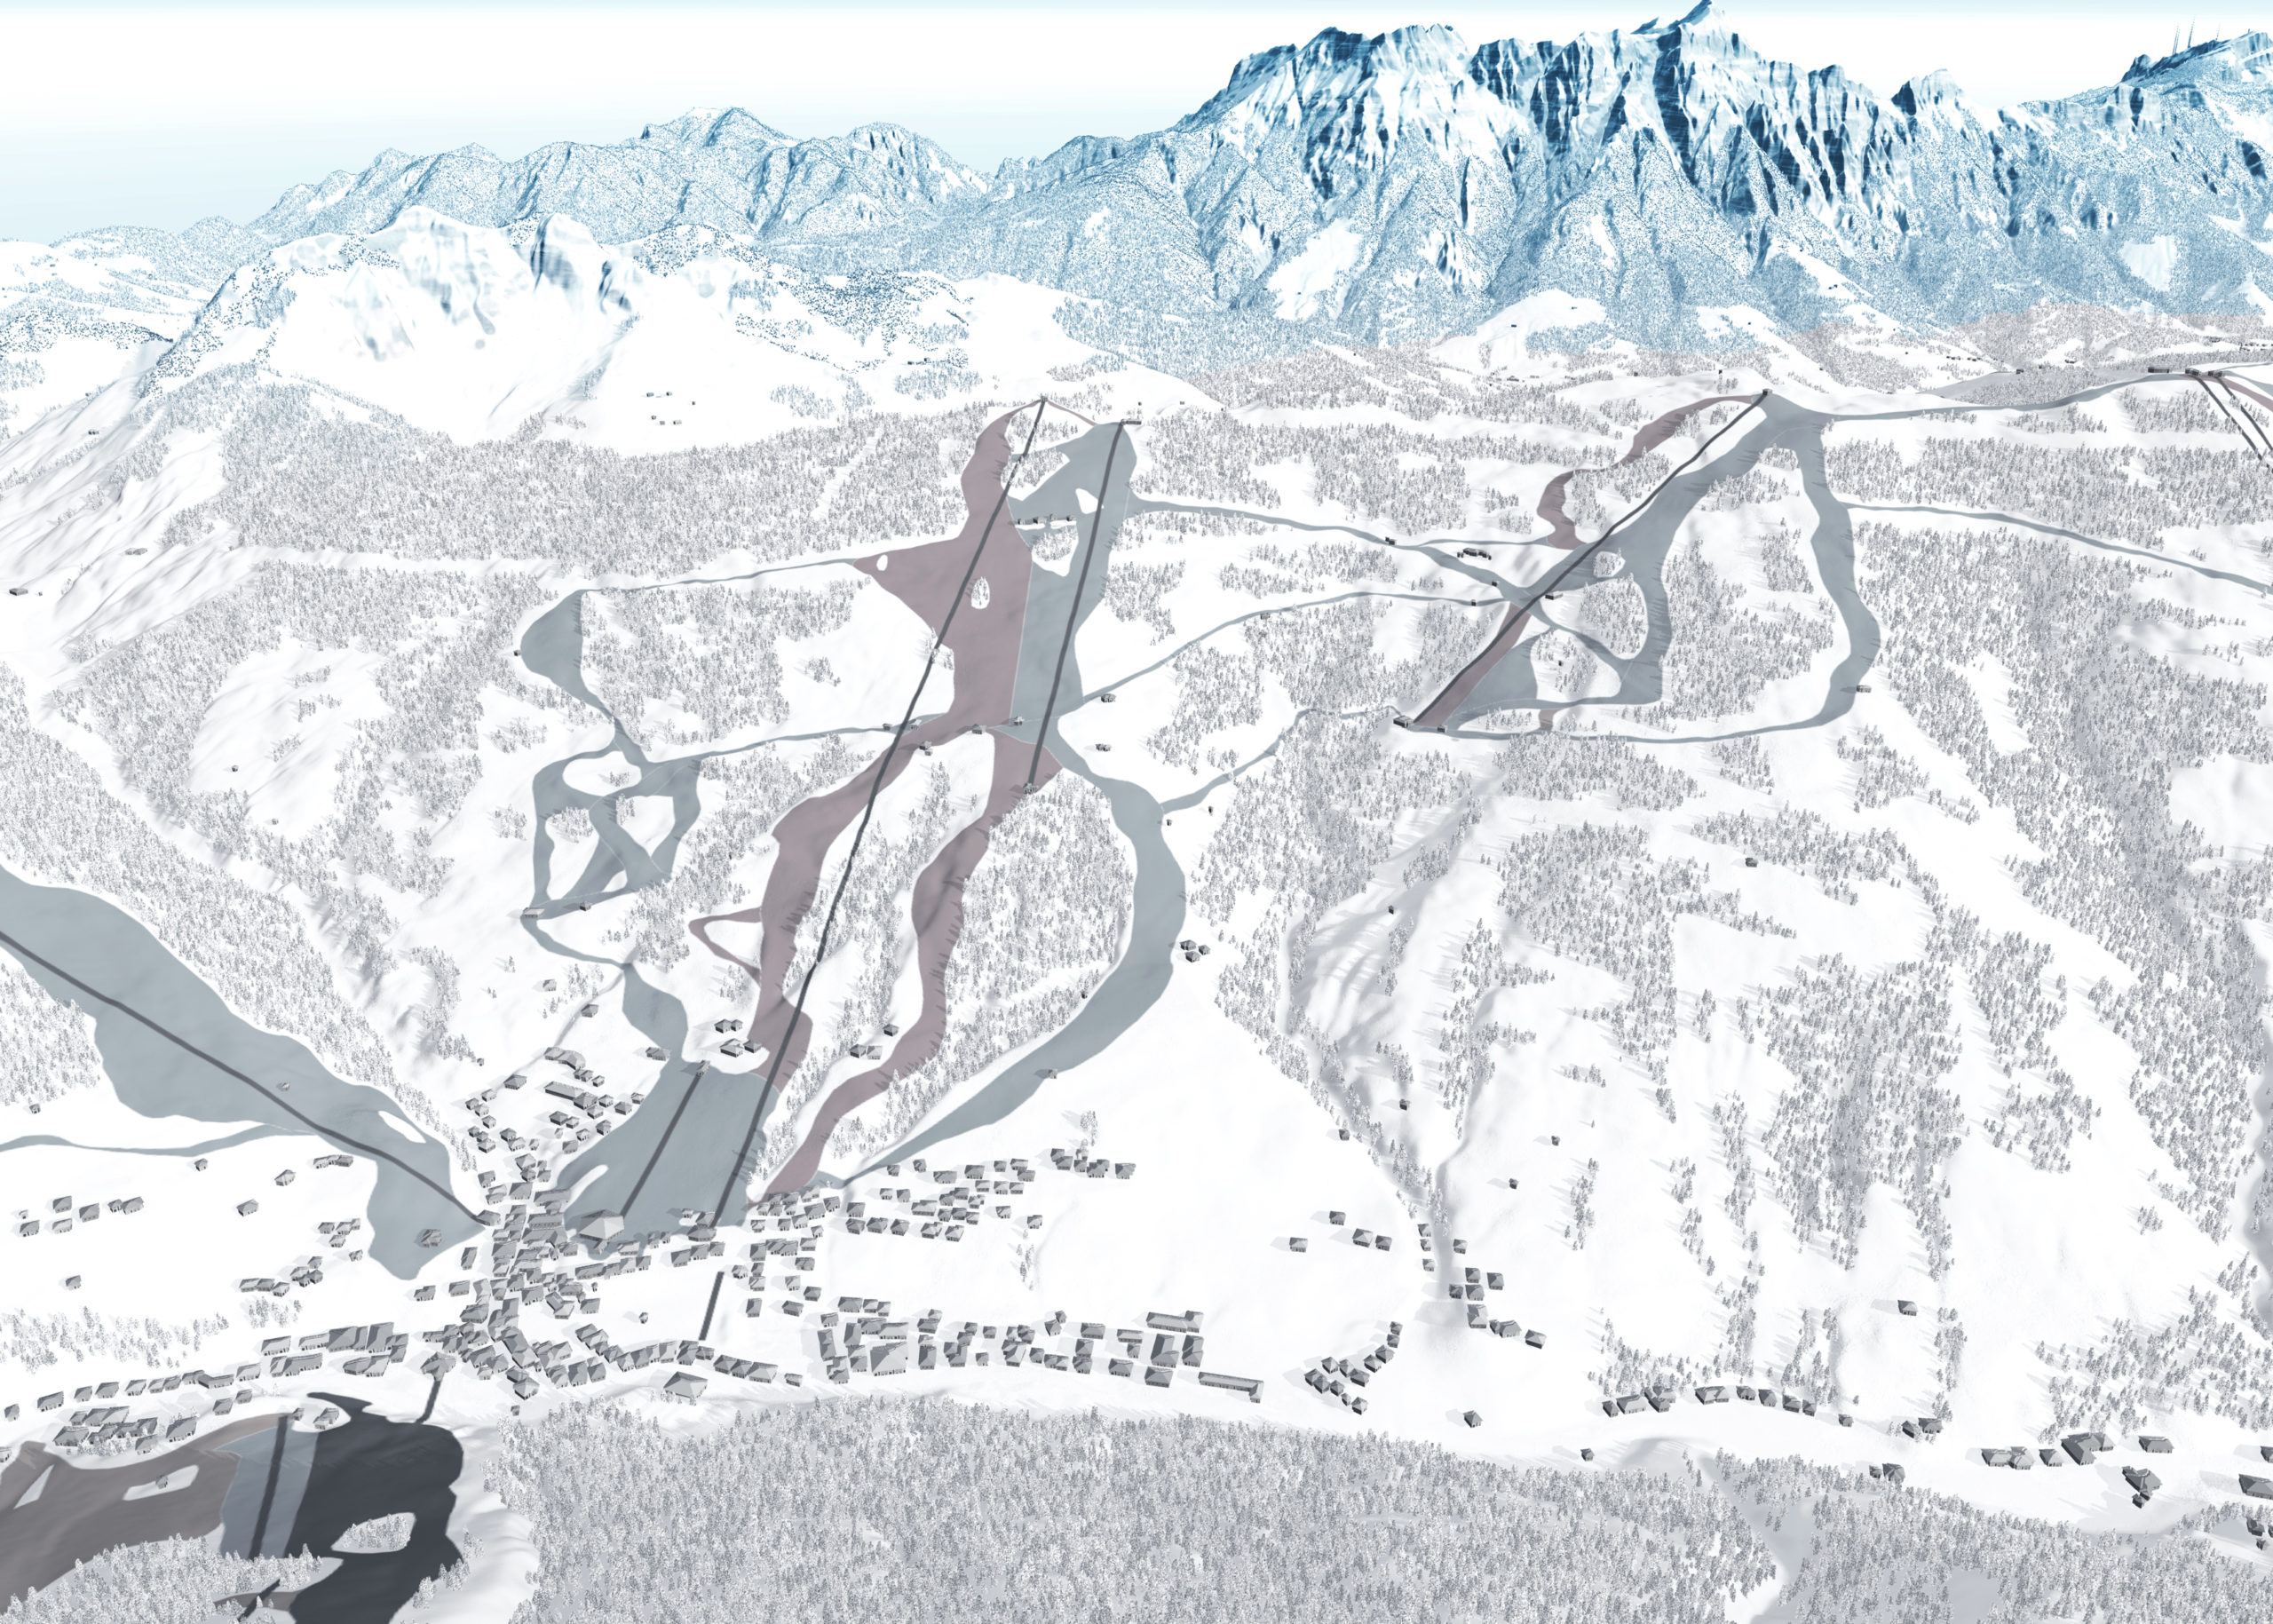 3D Panoramakarte Skicircus Saalbach Hinterglemm Leogang Fieberbrunn Zone H Kohlmais Korrektur